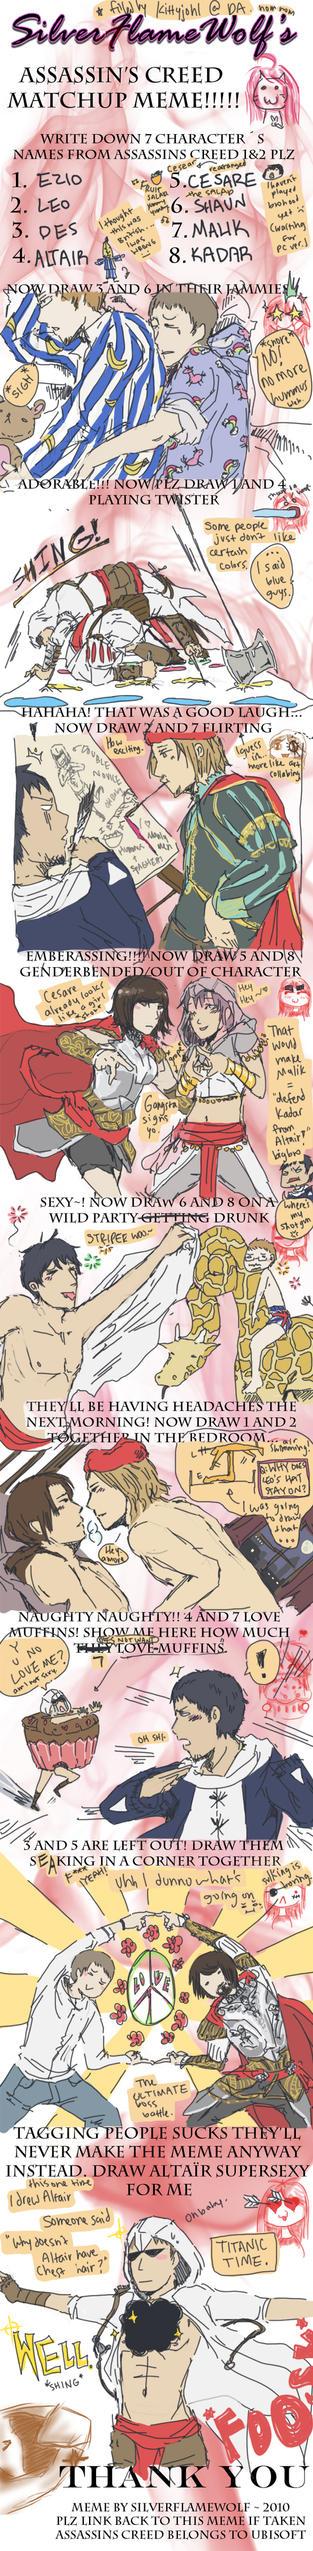 assassins_creed_match_up_meme_by_kittyjohl d3arwtv assassins creed match up meme by kittyjohl on deviantart